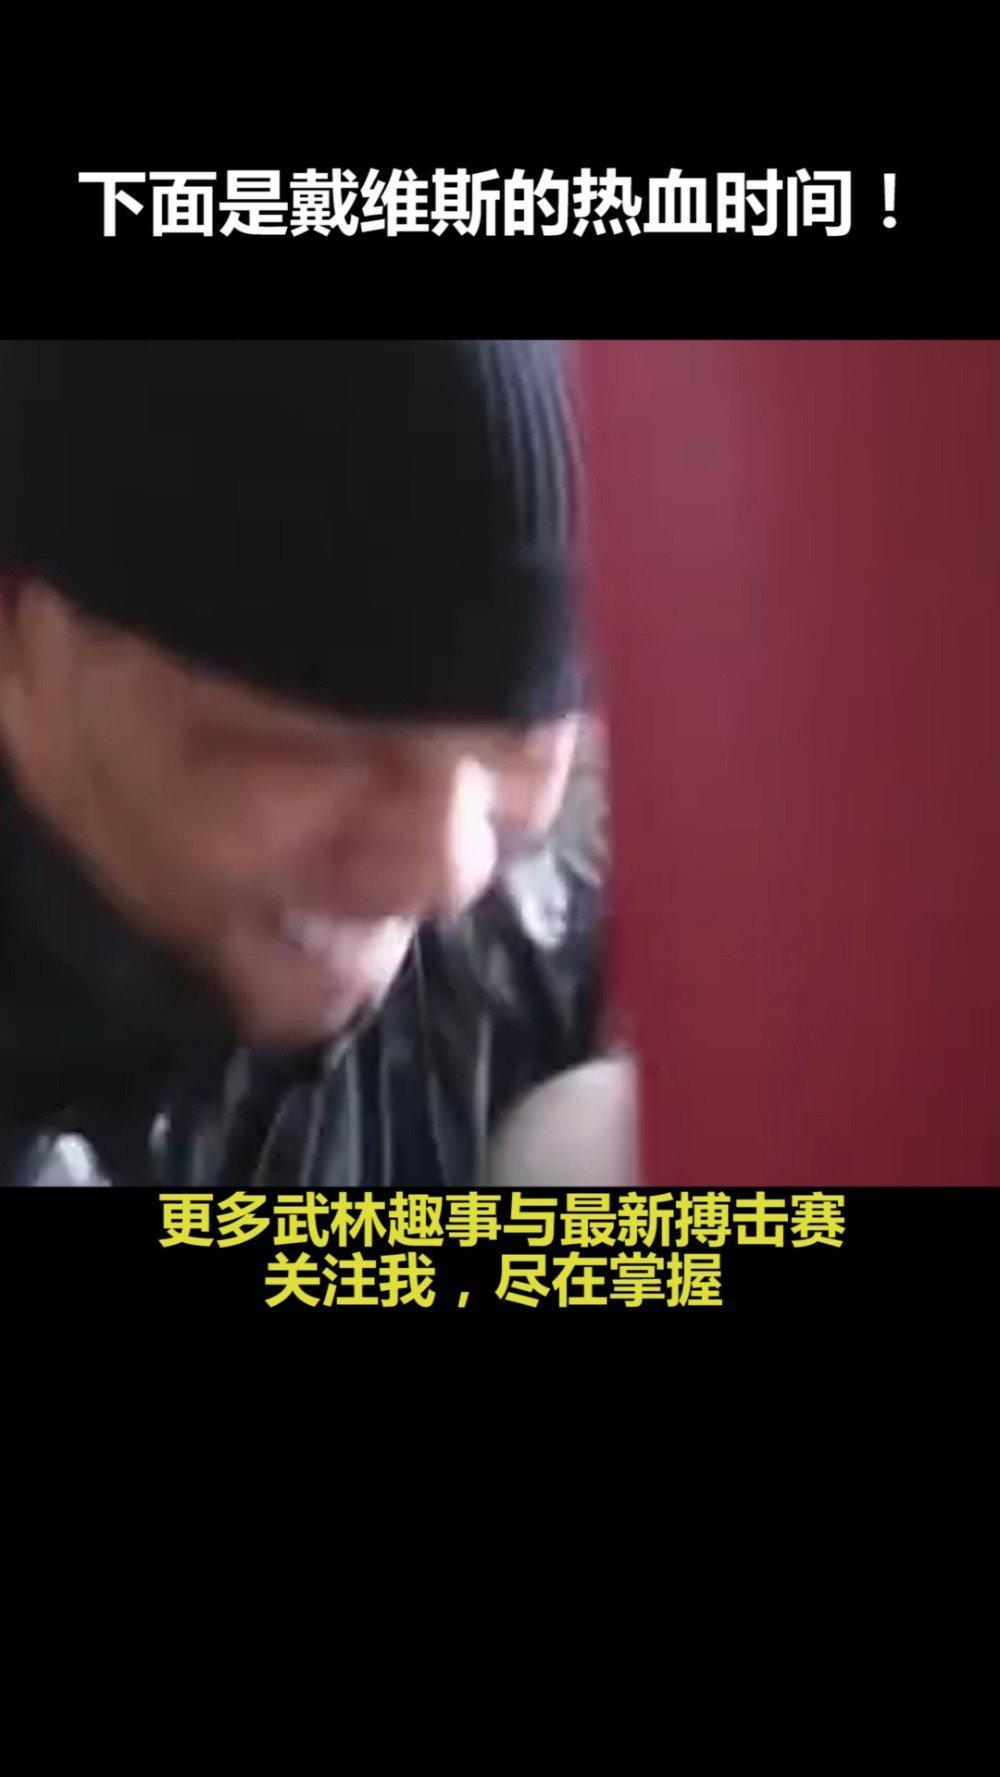 """拳王戴维斯,被拳迷戏称为""""金钱拳王""""梅威瑟的干儿子"""